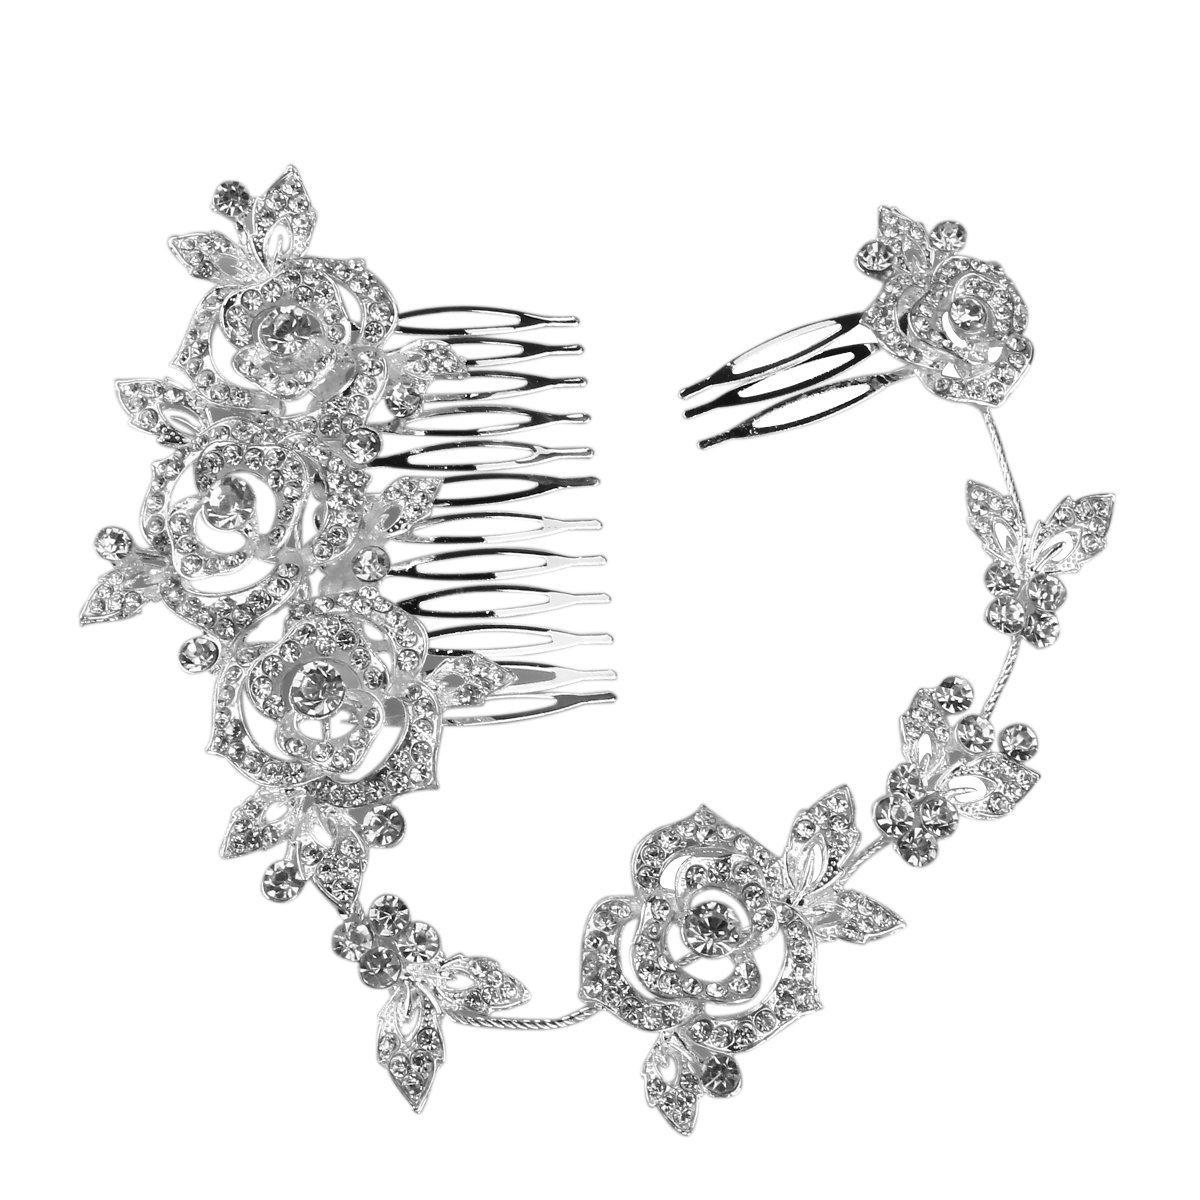 PIXNOR Da sposa cristallo strass capelli pettine TRTAZ11A